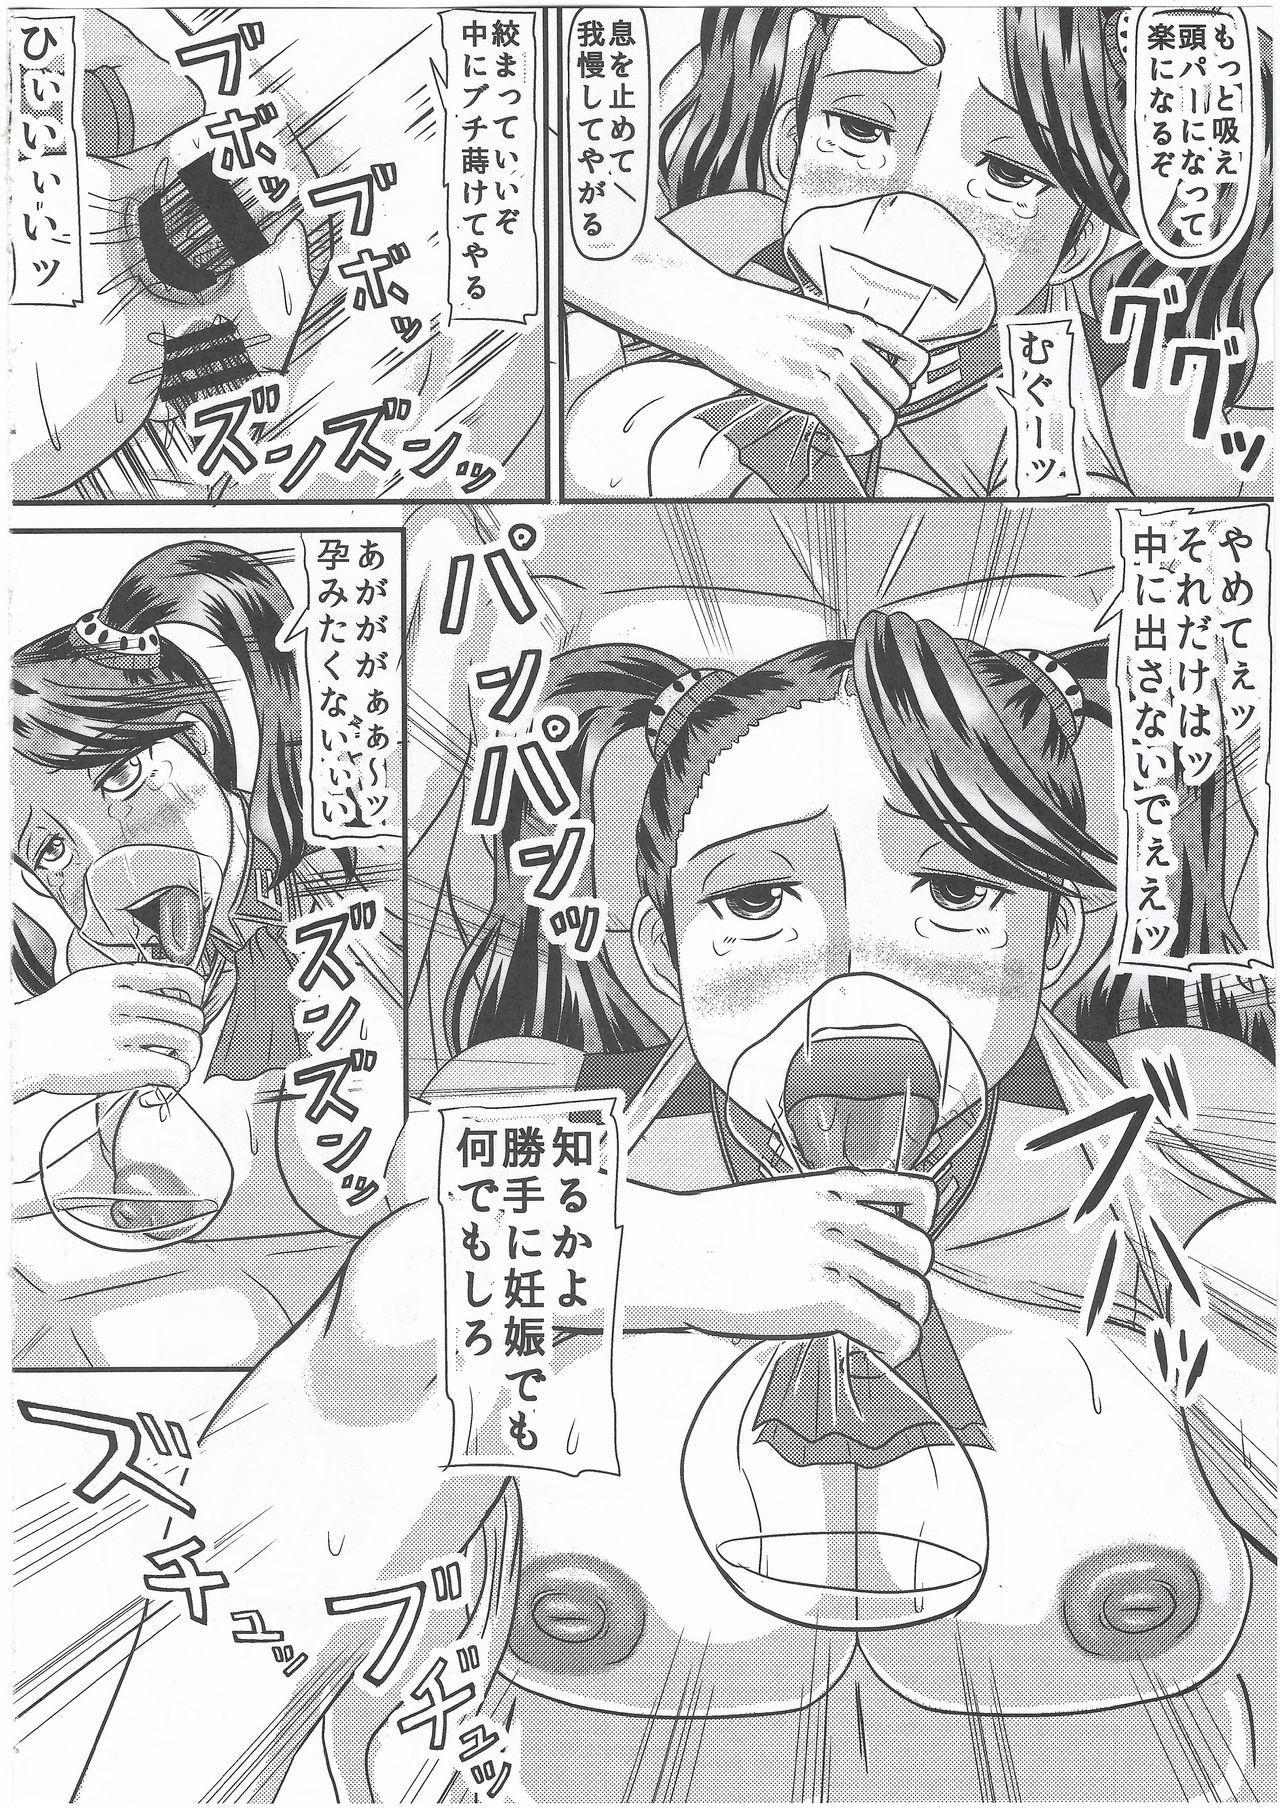 Suki na Hito ga Imashita... 4